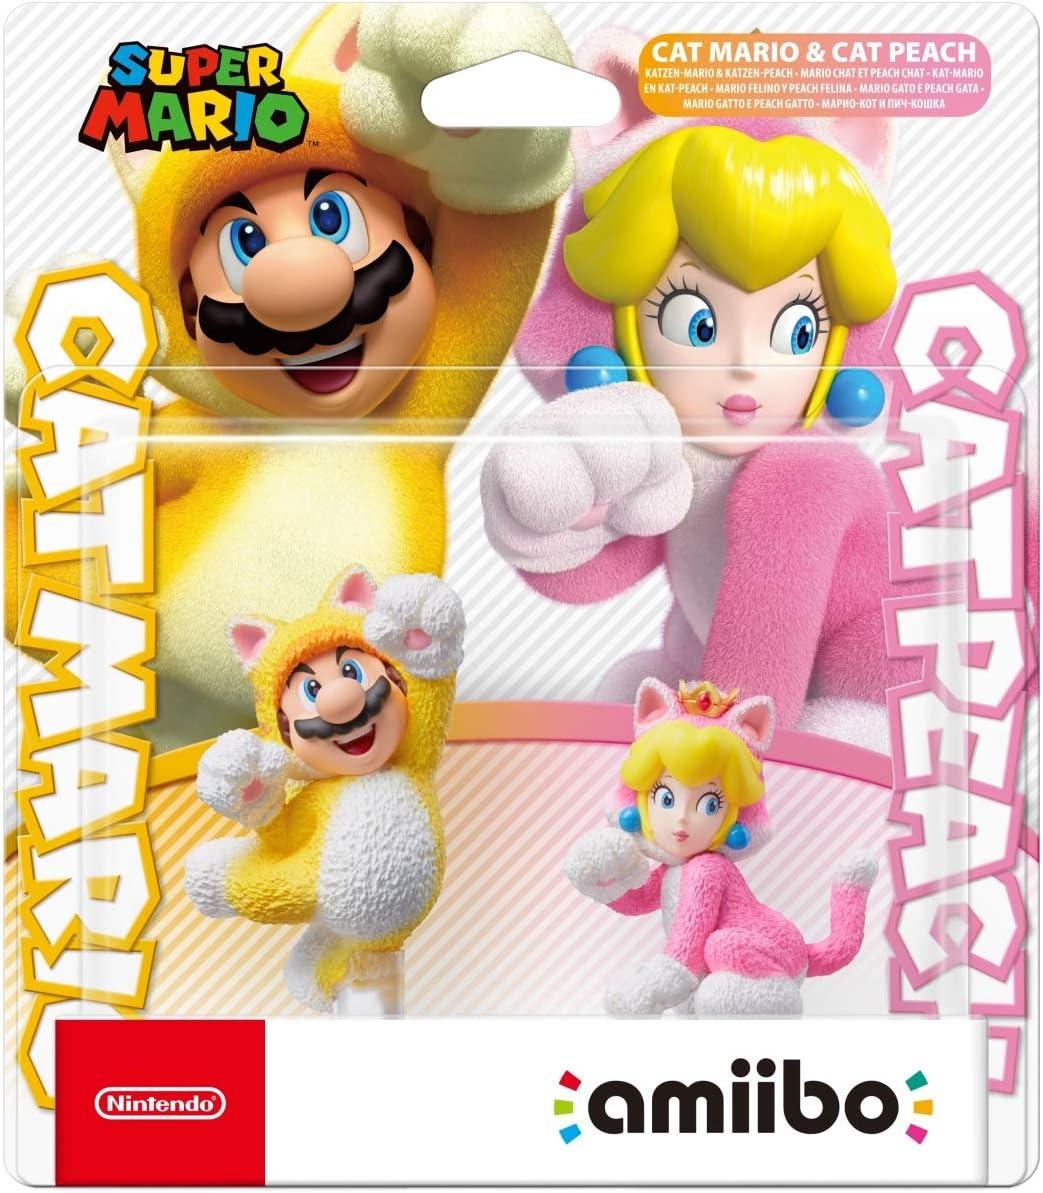 Cat Mario & Cat Peach Amiibo - Super Mario Series: Toys & Games